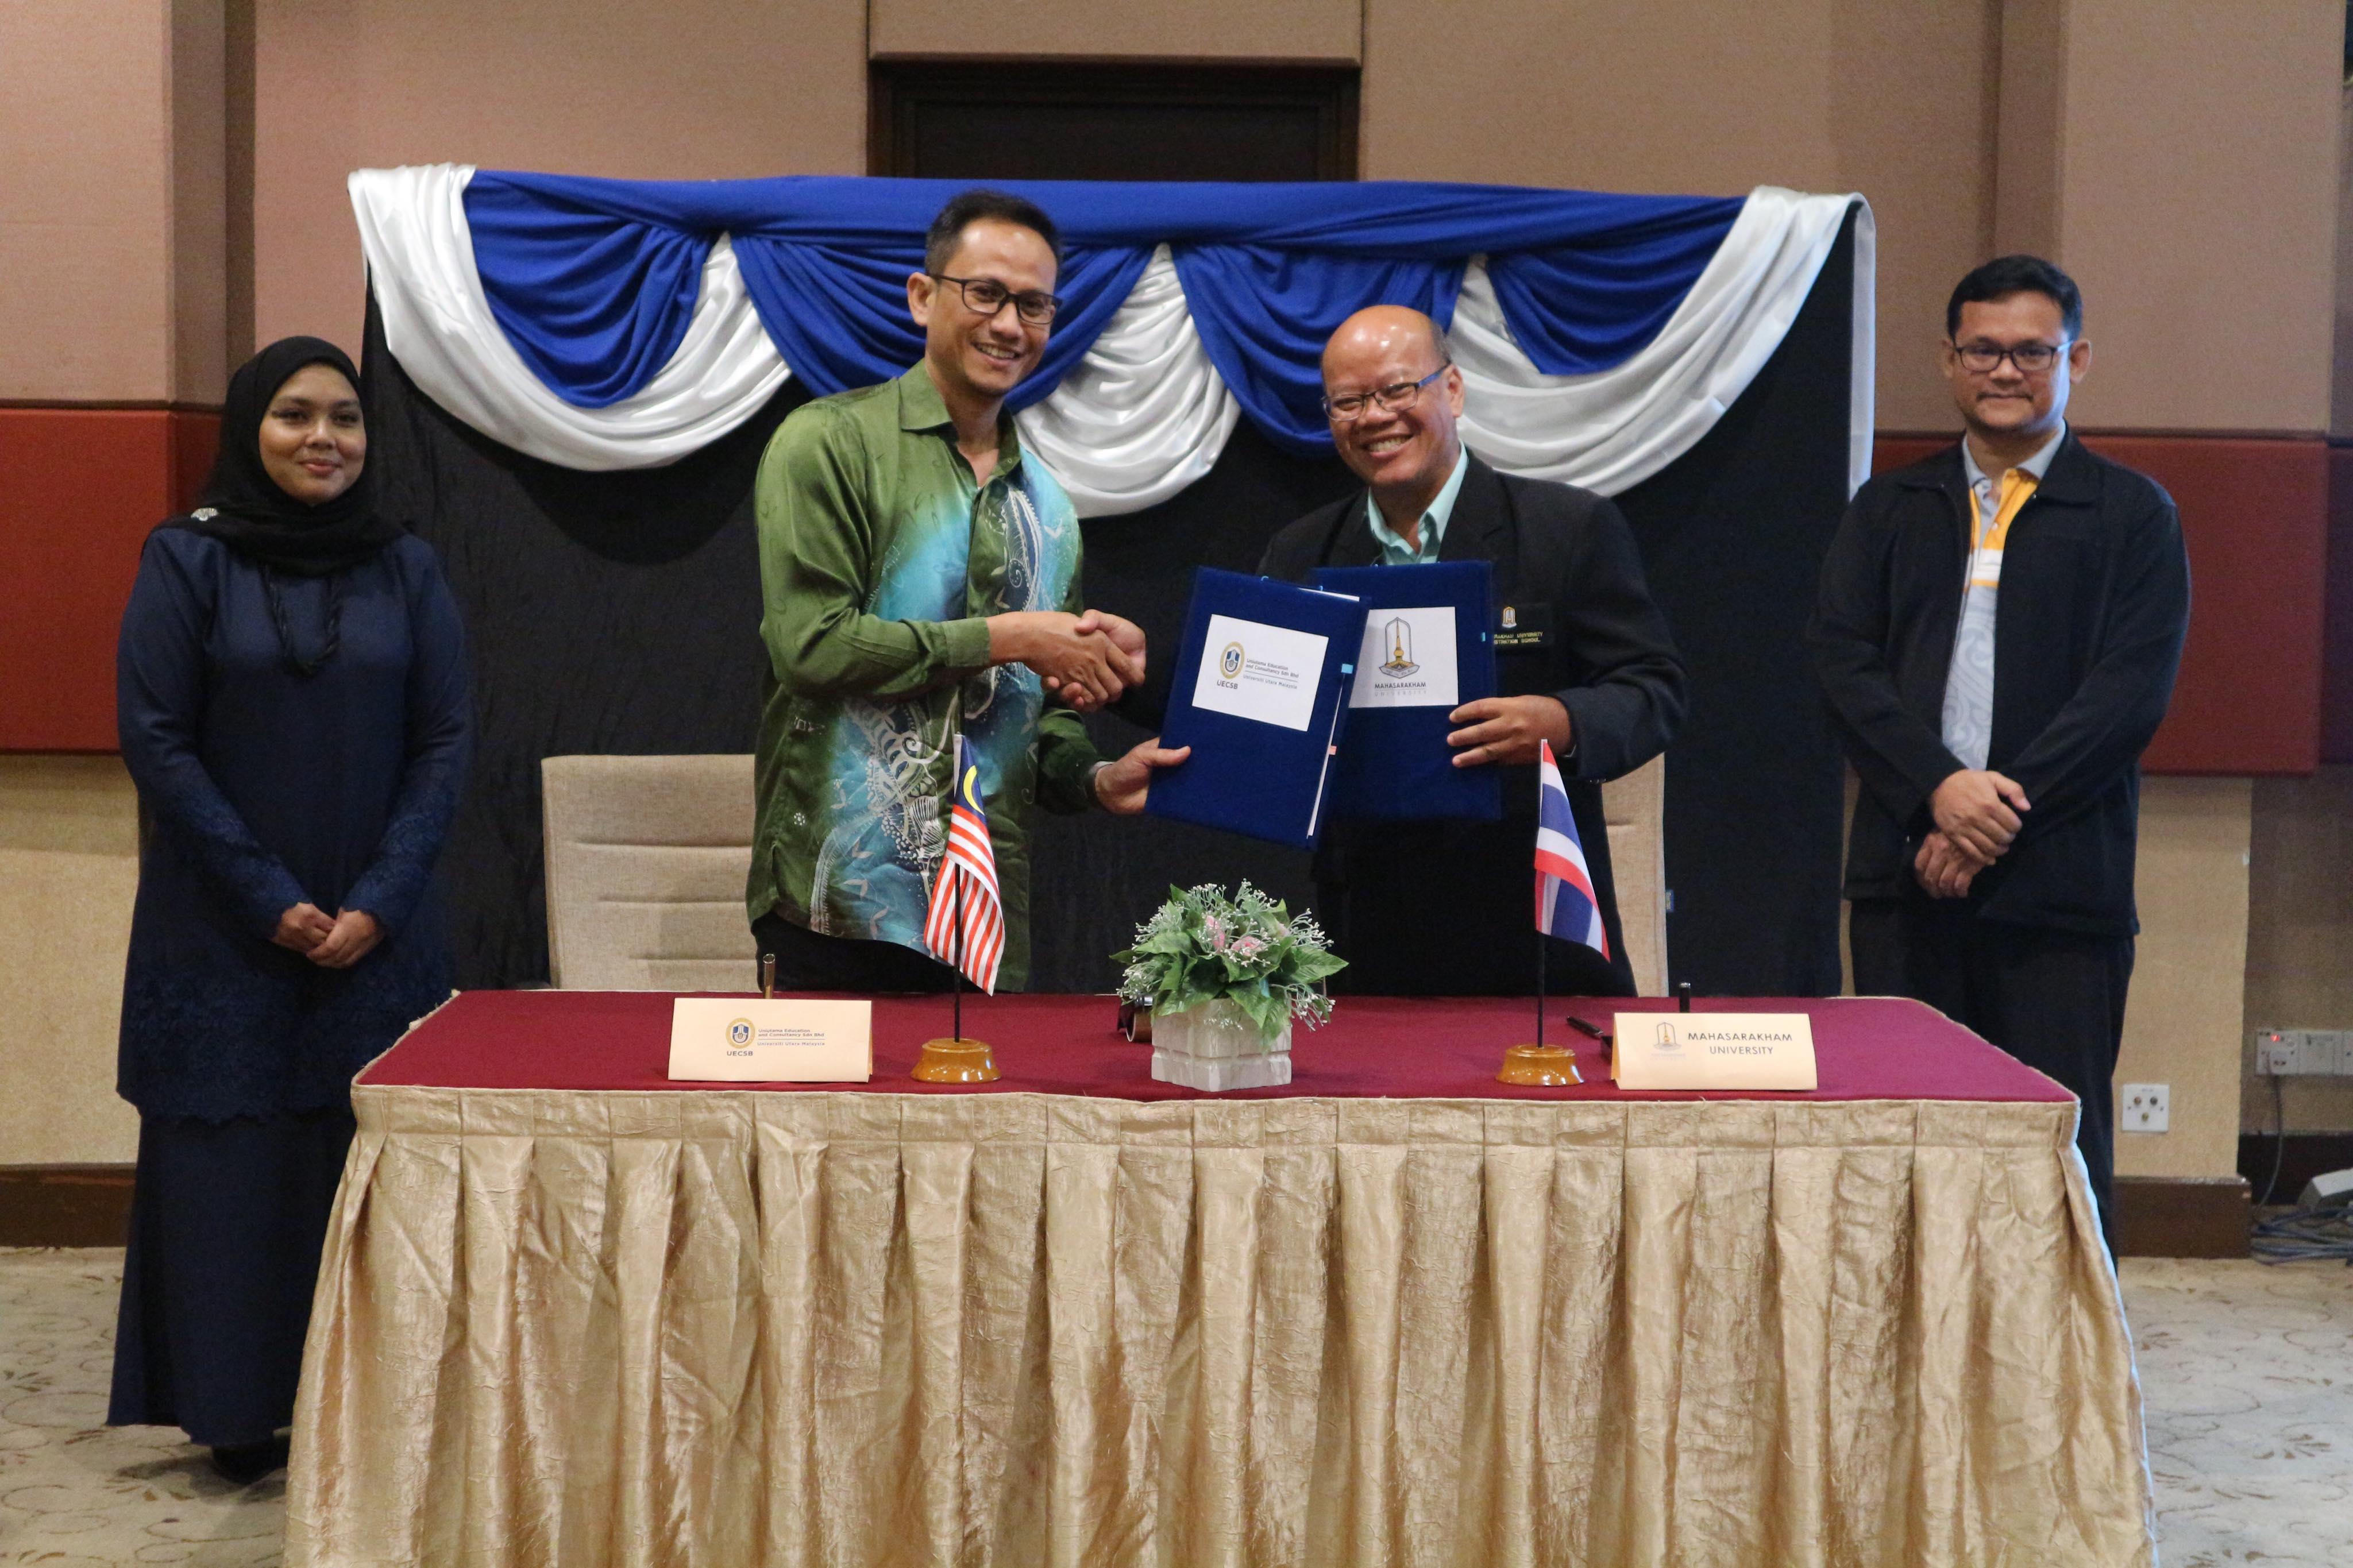 พิธีลงนามหนังสือแสดงเจตจำนง (Letter of Intent) ในการตกลงทำความร่วมมือทางการศึกษากับ Universiti Utara Malaysia, Sintok  Campus